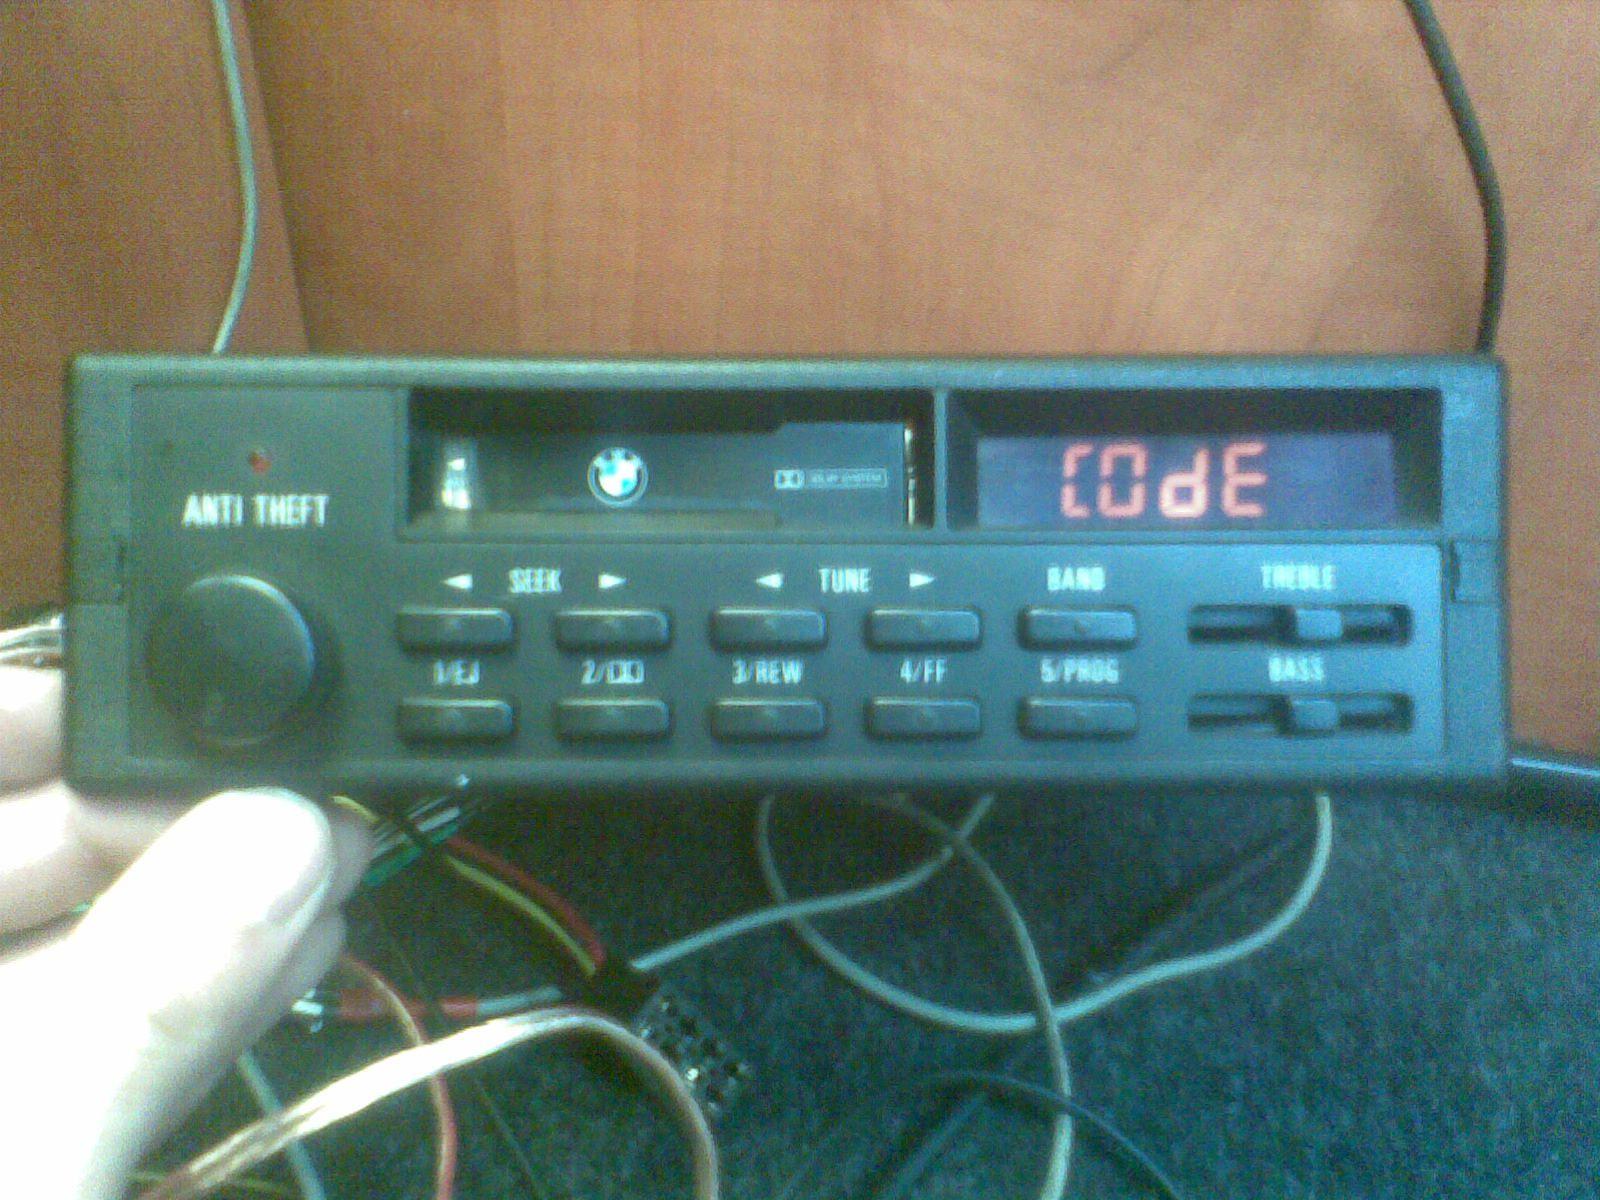 Identyfikacja modelu fabrycznie montowanego radia BMW oraz kod do niego